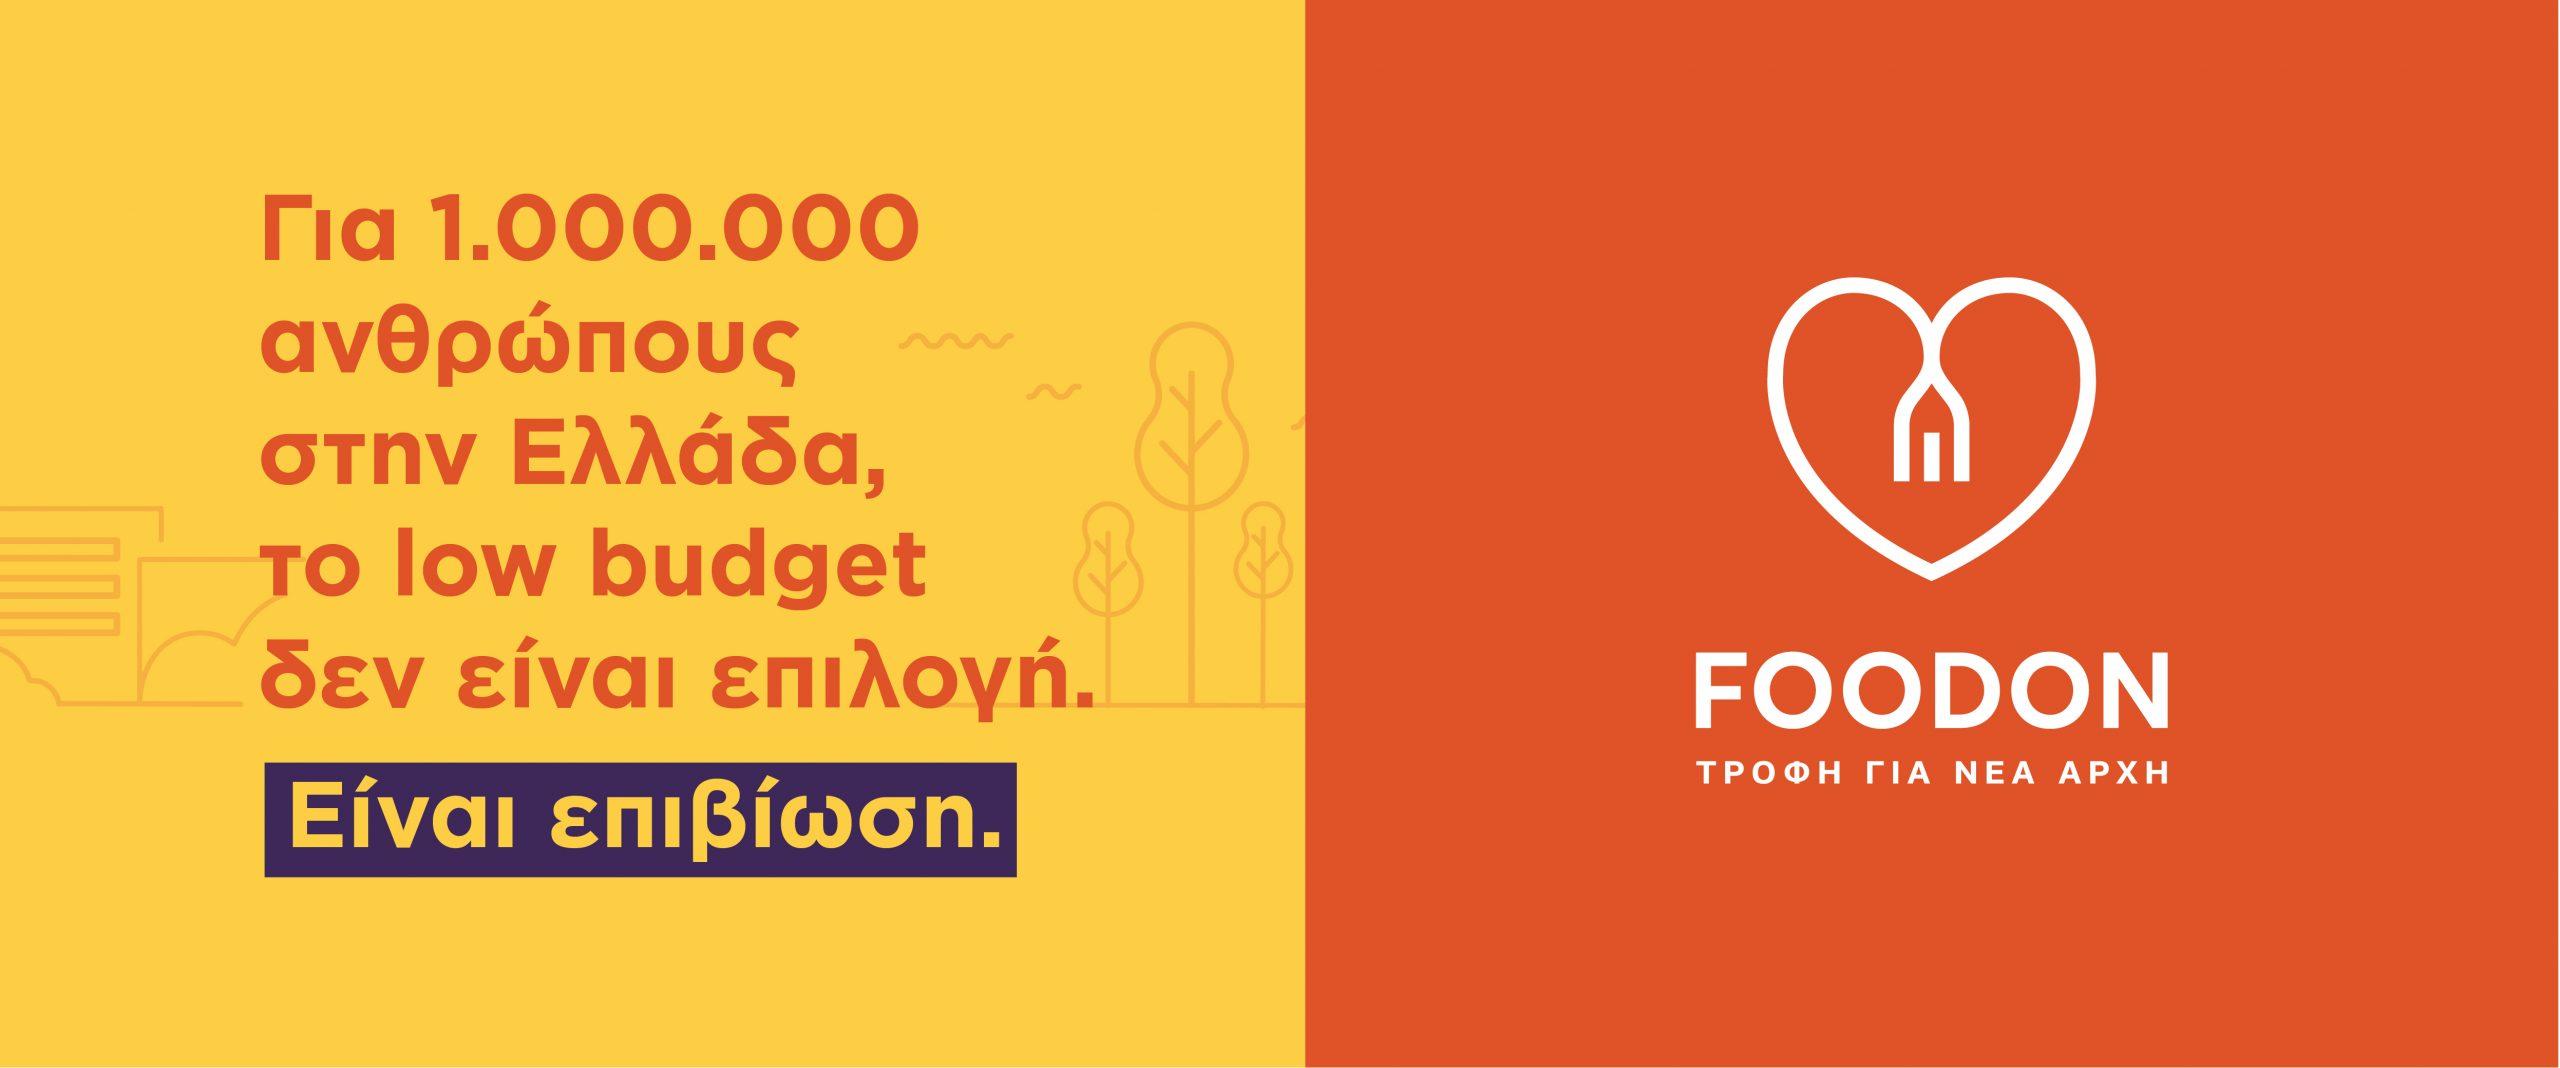 Lowbudgetlife.gr: Νέα καμπάνια ευαισθητοποίησης για τη φτώχεια από τη Food On